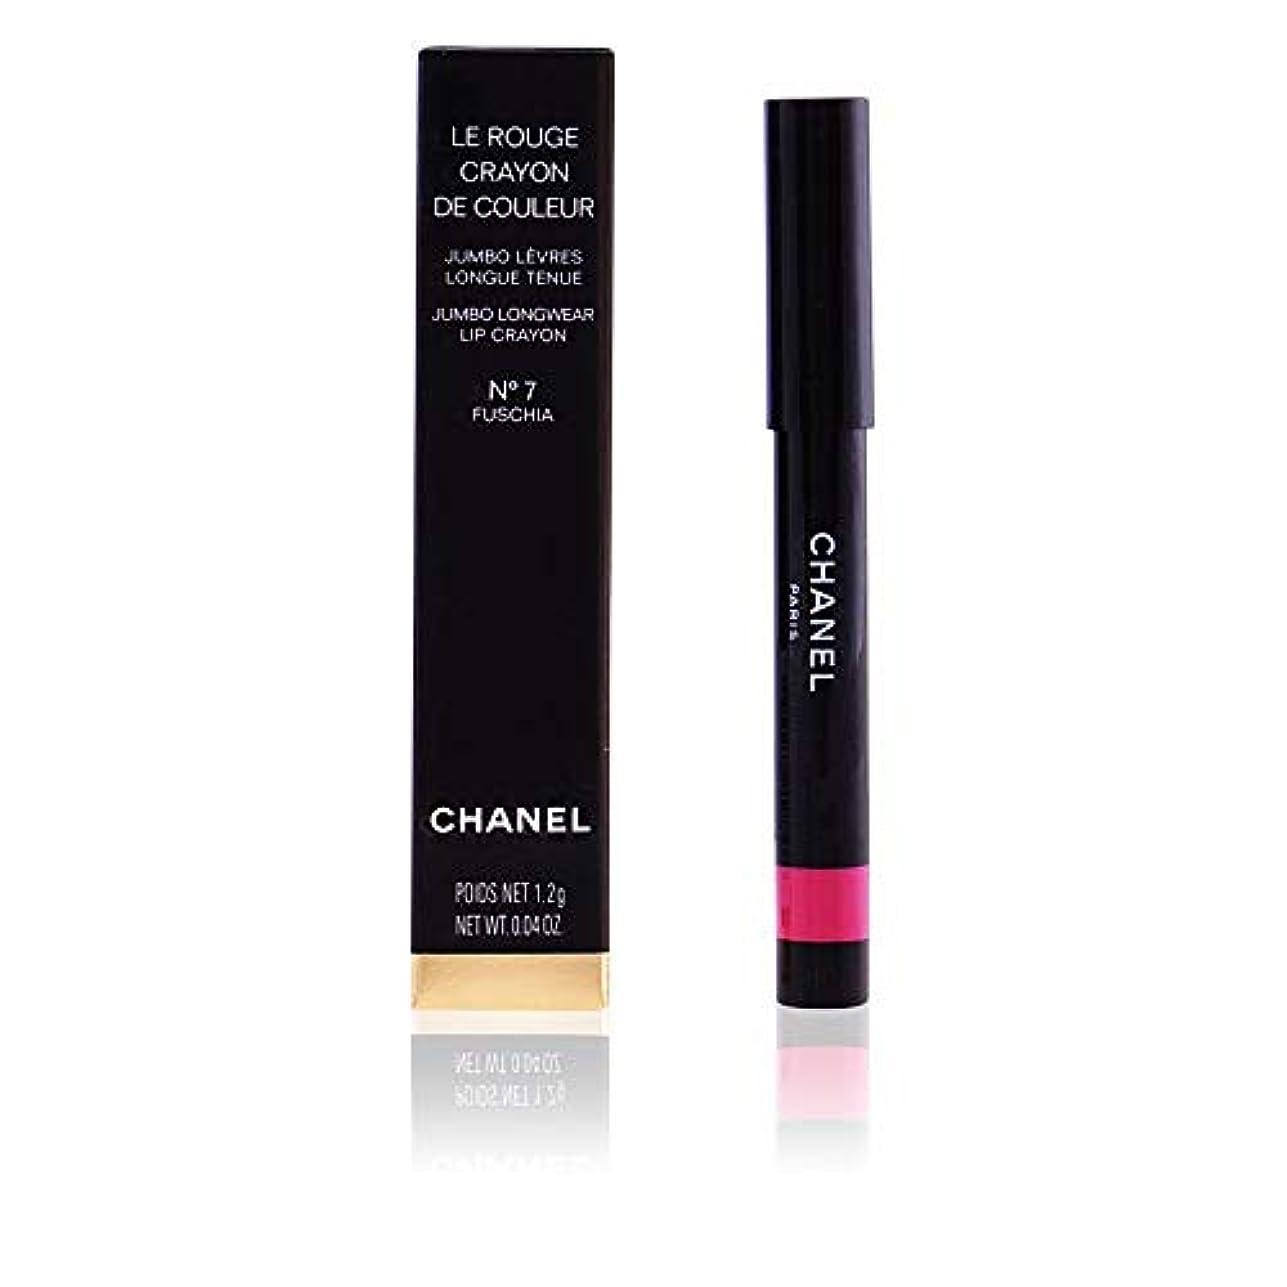 トラック家畜動物園シャネル Le Rouge Crayon De Couleur Jumbo Longwear Lip Crayon - # 2 Rose Violine 1.2g/0.04oz並行輸入品